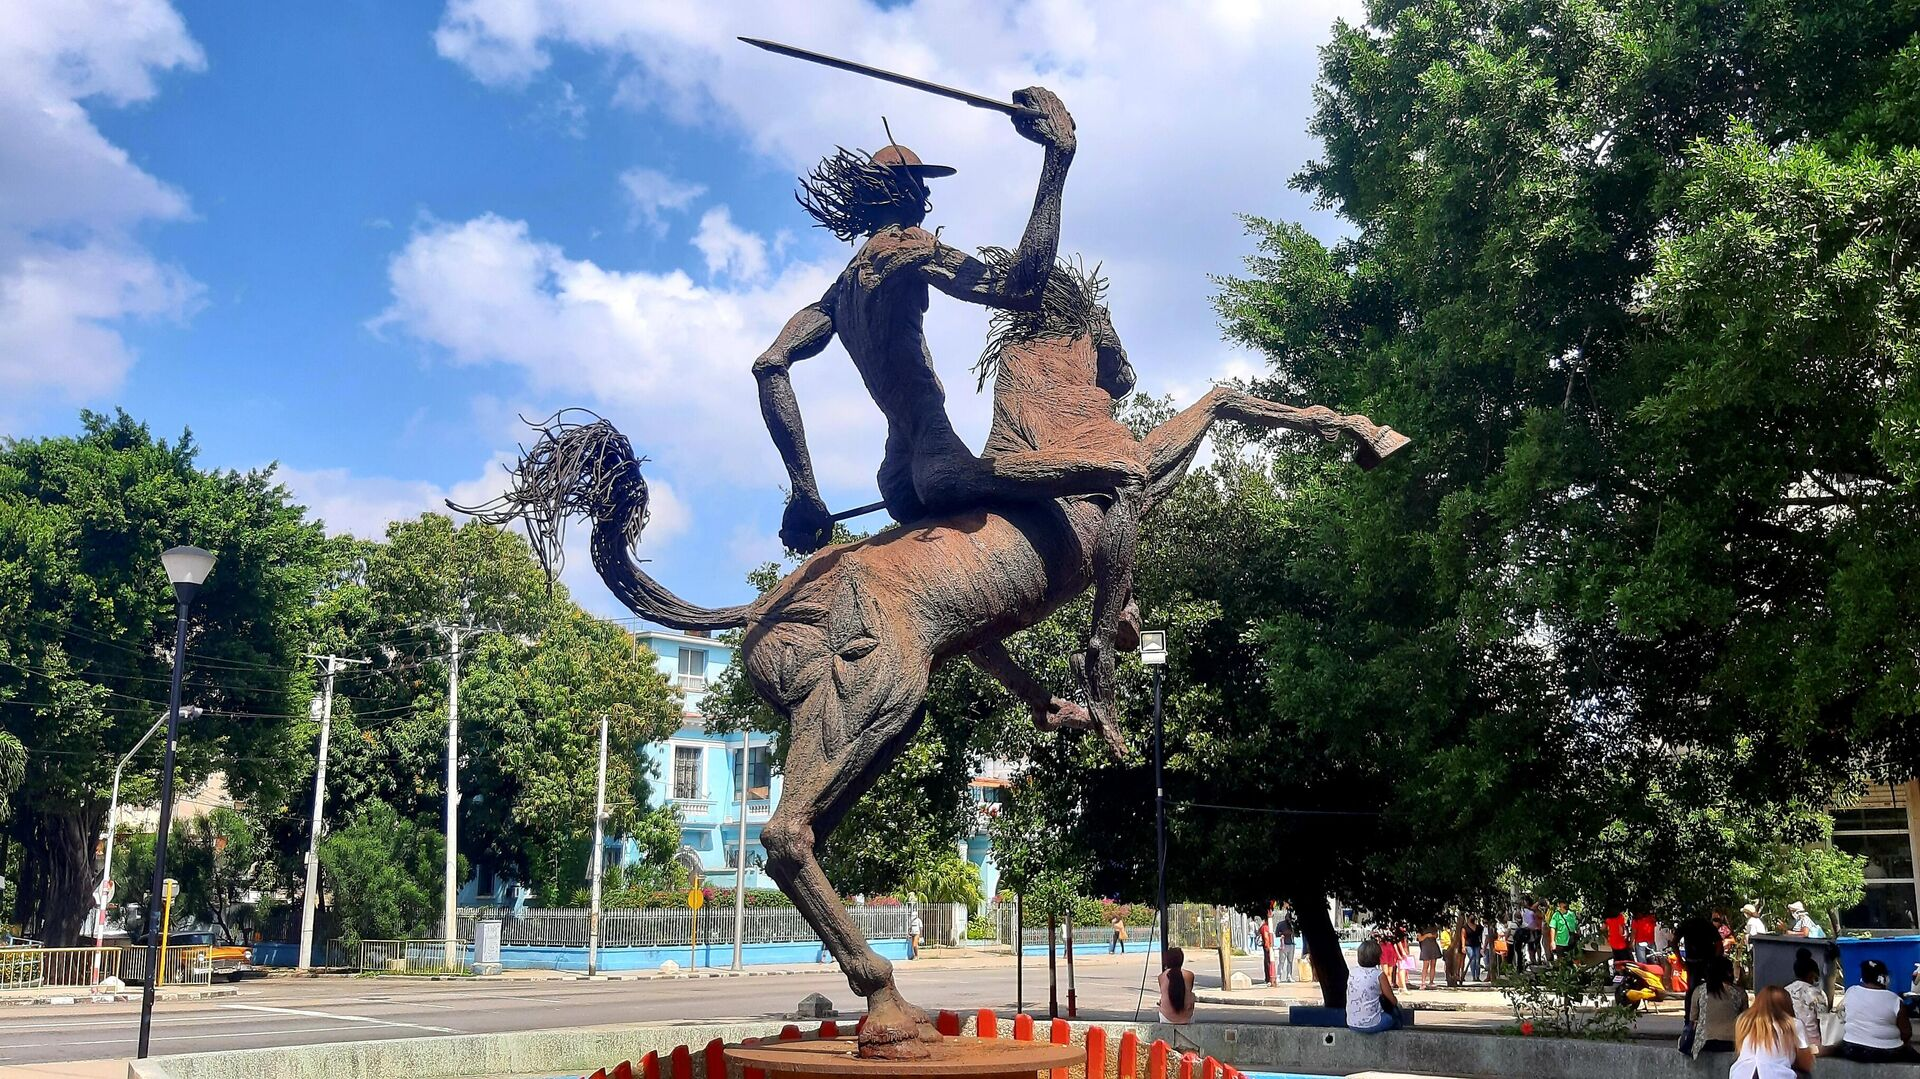 Estatua de Don Quijote de la Mancha, La Habana  - Sputnik Mundo, 1920, 01.03.2021